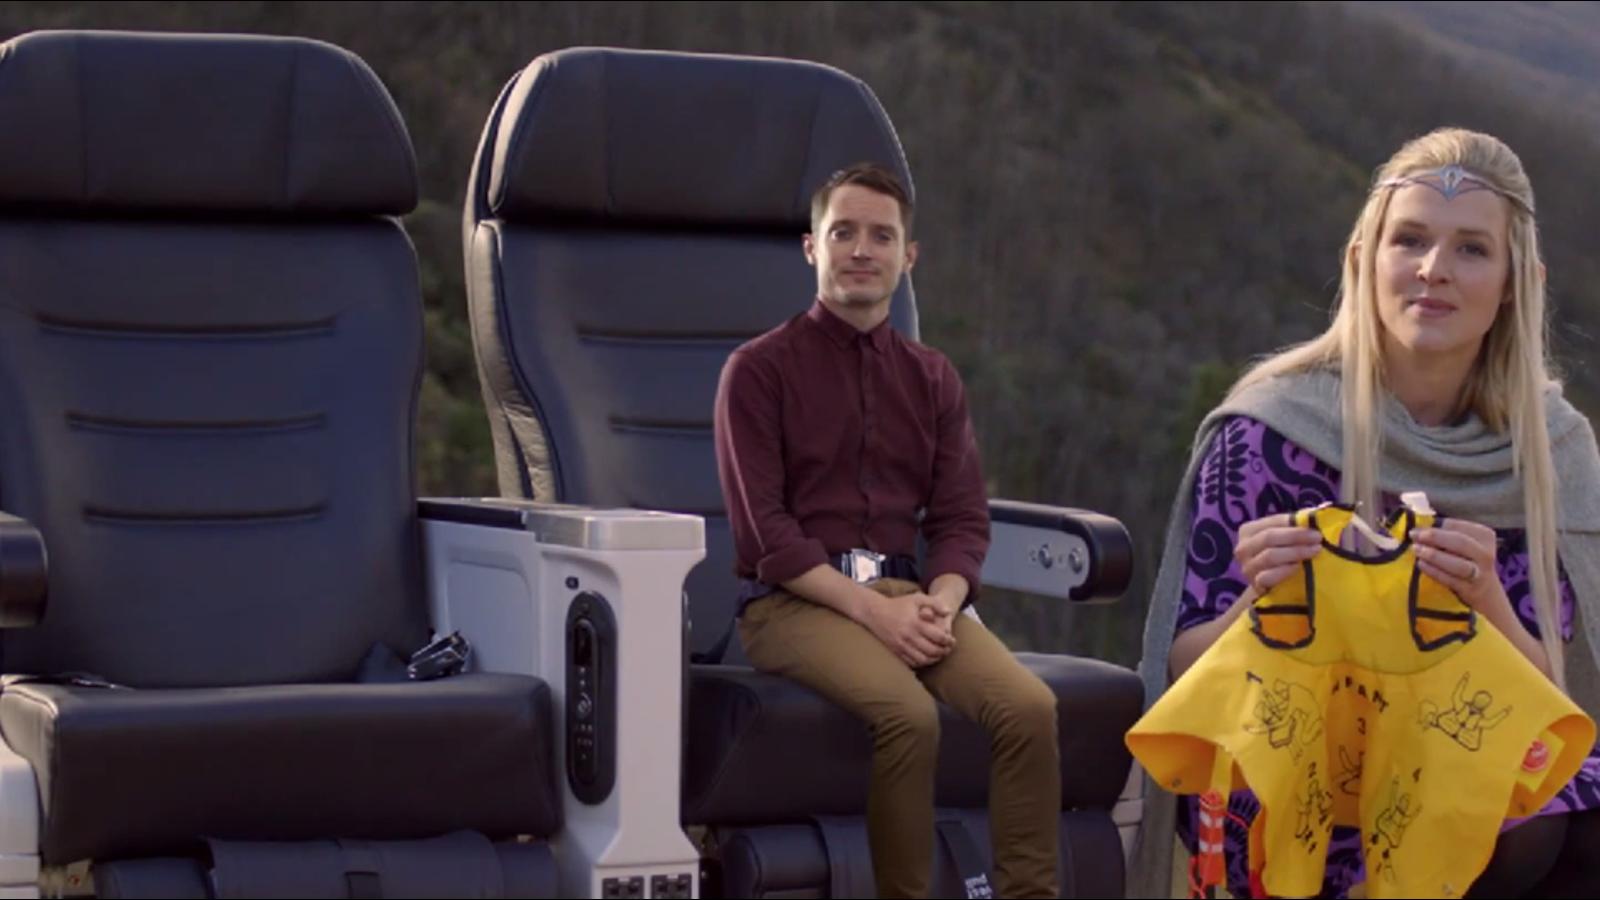 Air New Zealand crea el mejor vídeo de seguridad aérea con El Hobbit